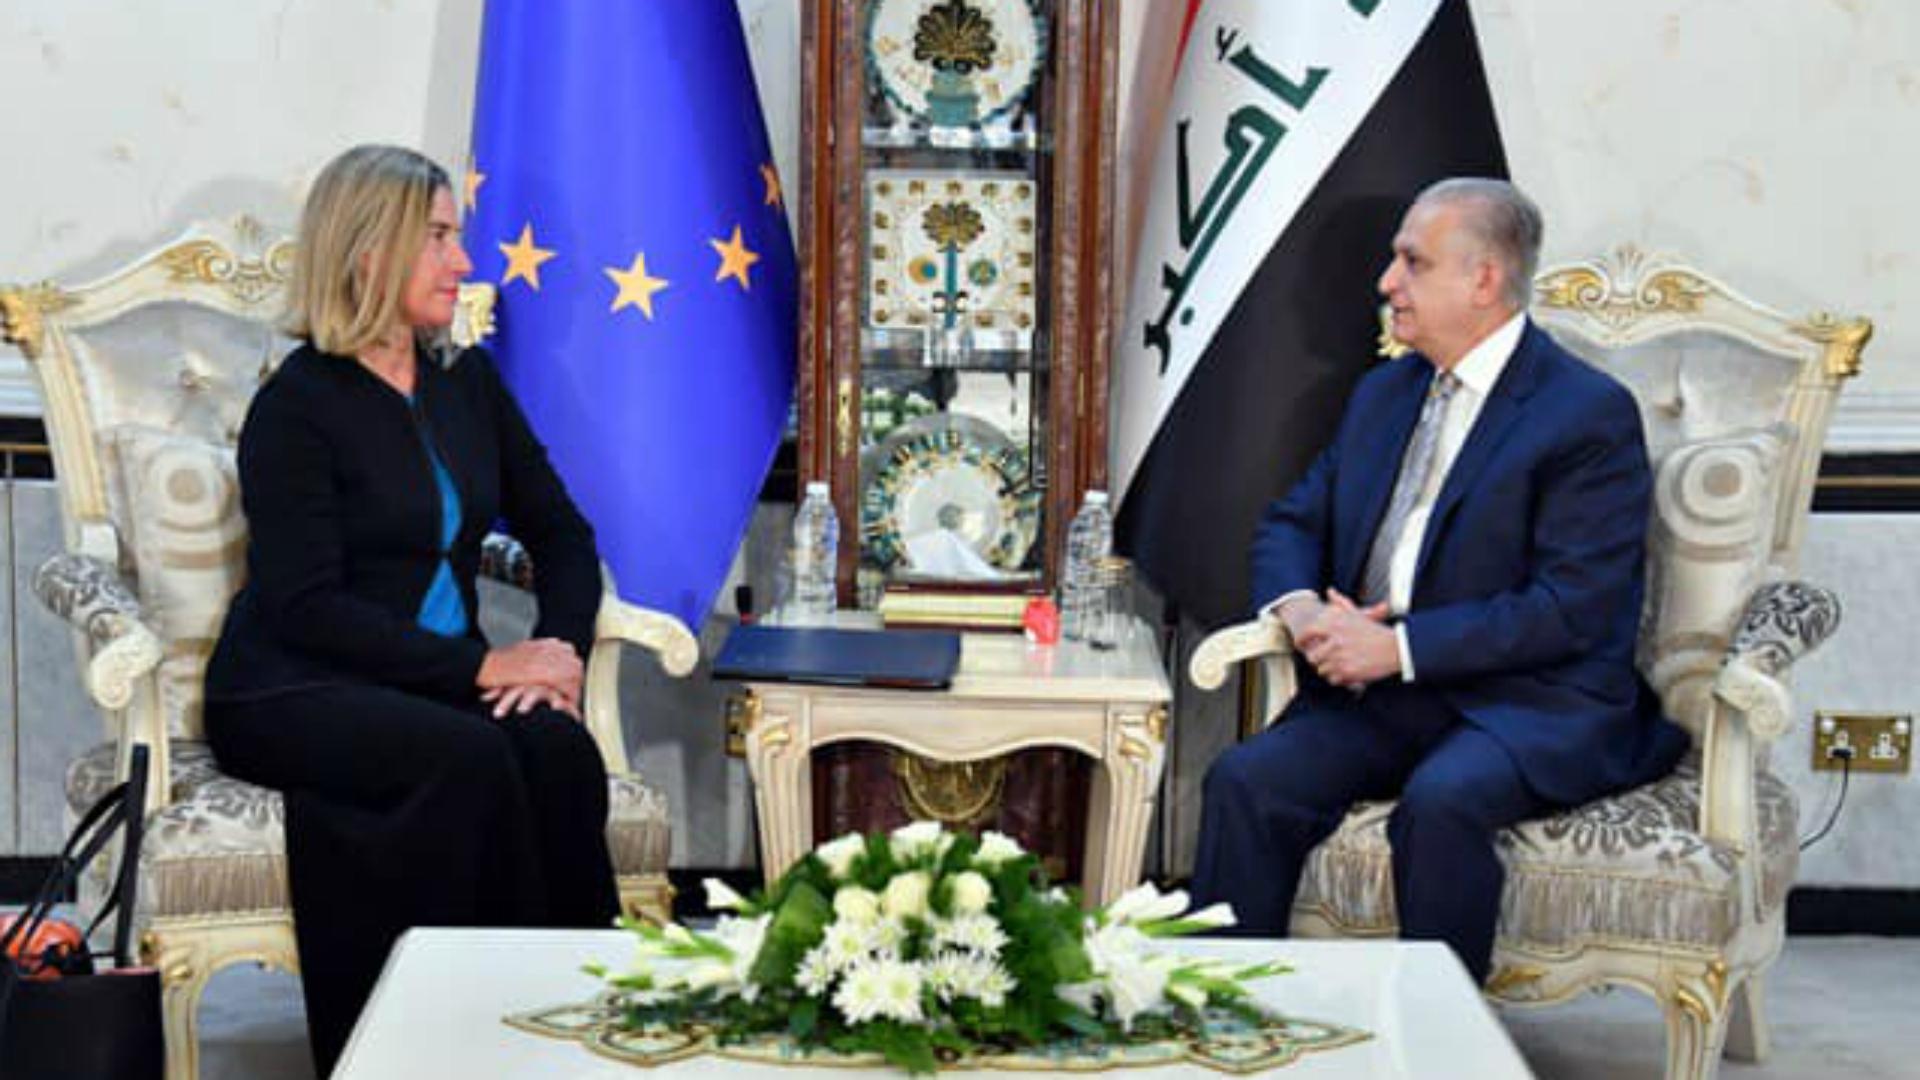 الحكيم وموغيريني يؤكدان التزام بغداد وبروكسل بتخفيف التوتر في المنطقة